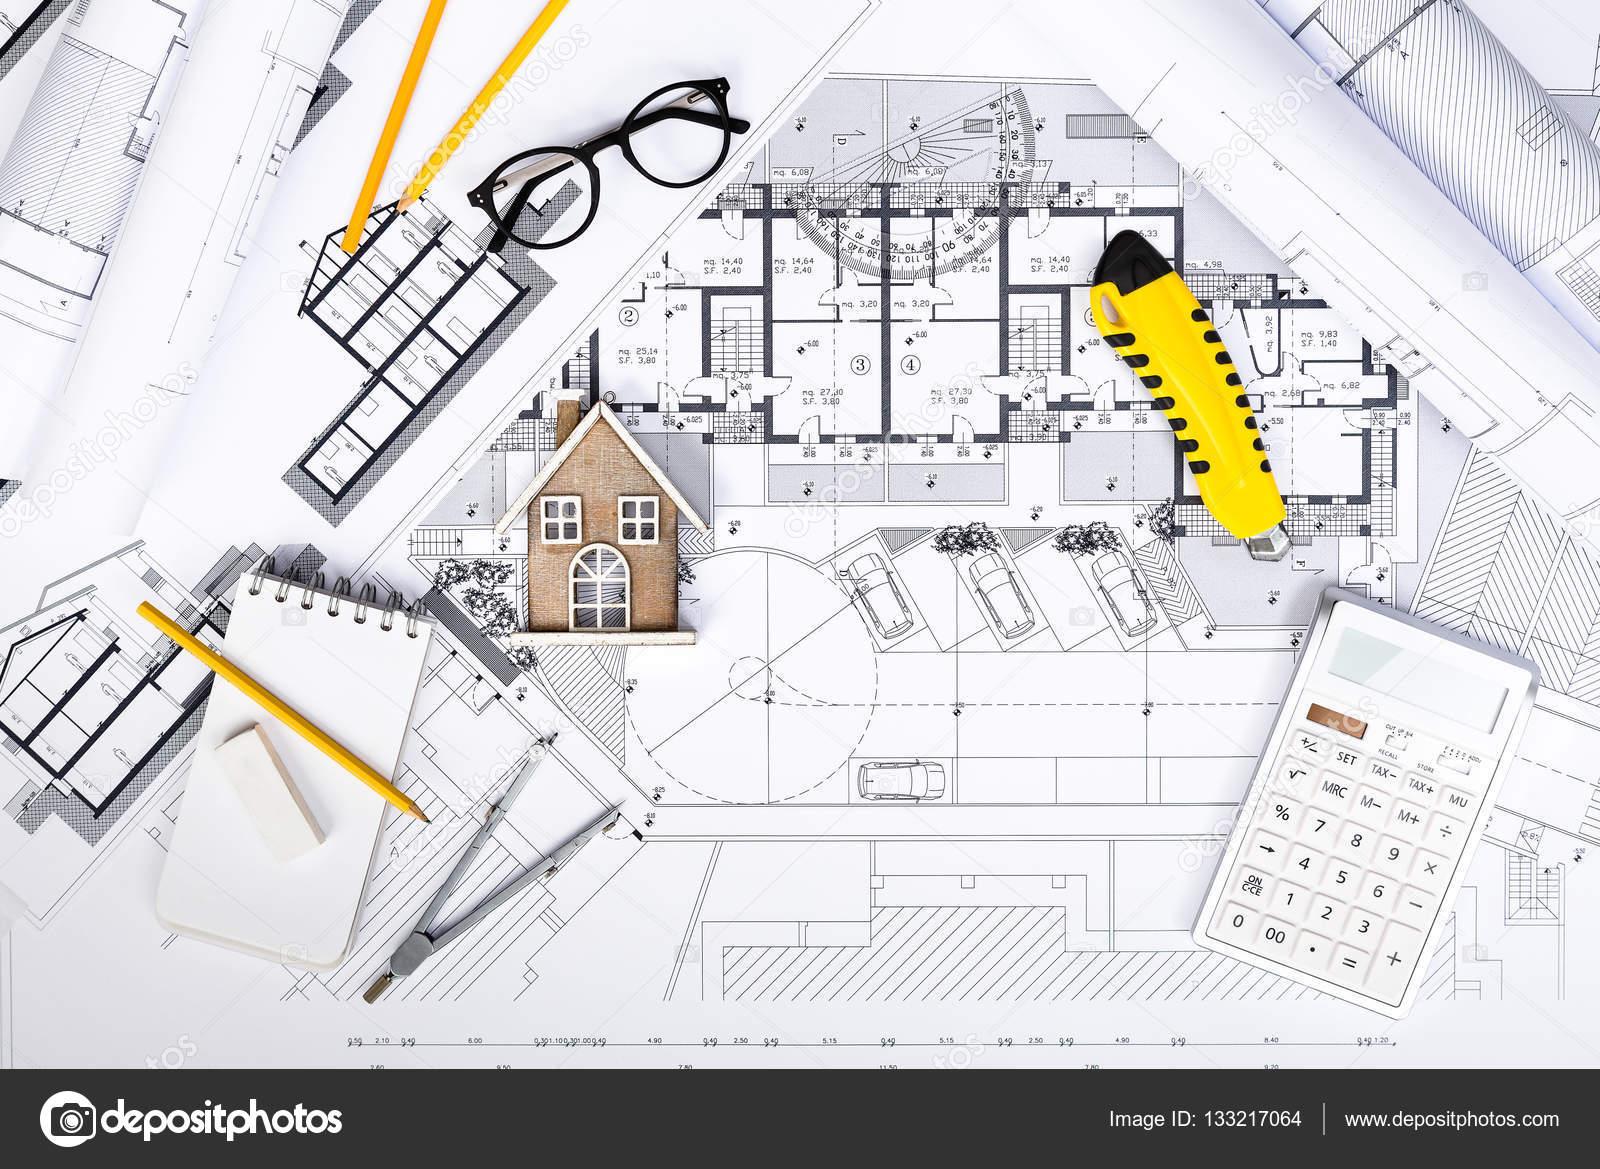 Planos de construcci n con herramientas de dibujo y casa for Planos de construccion